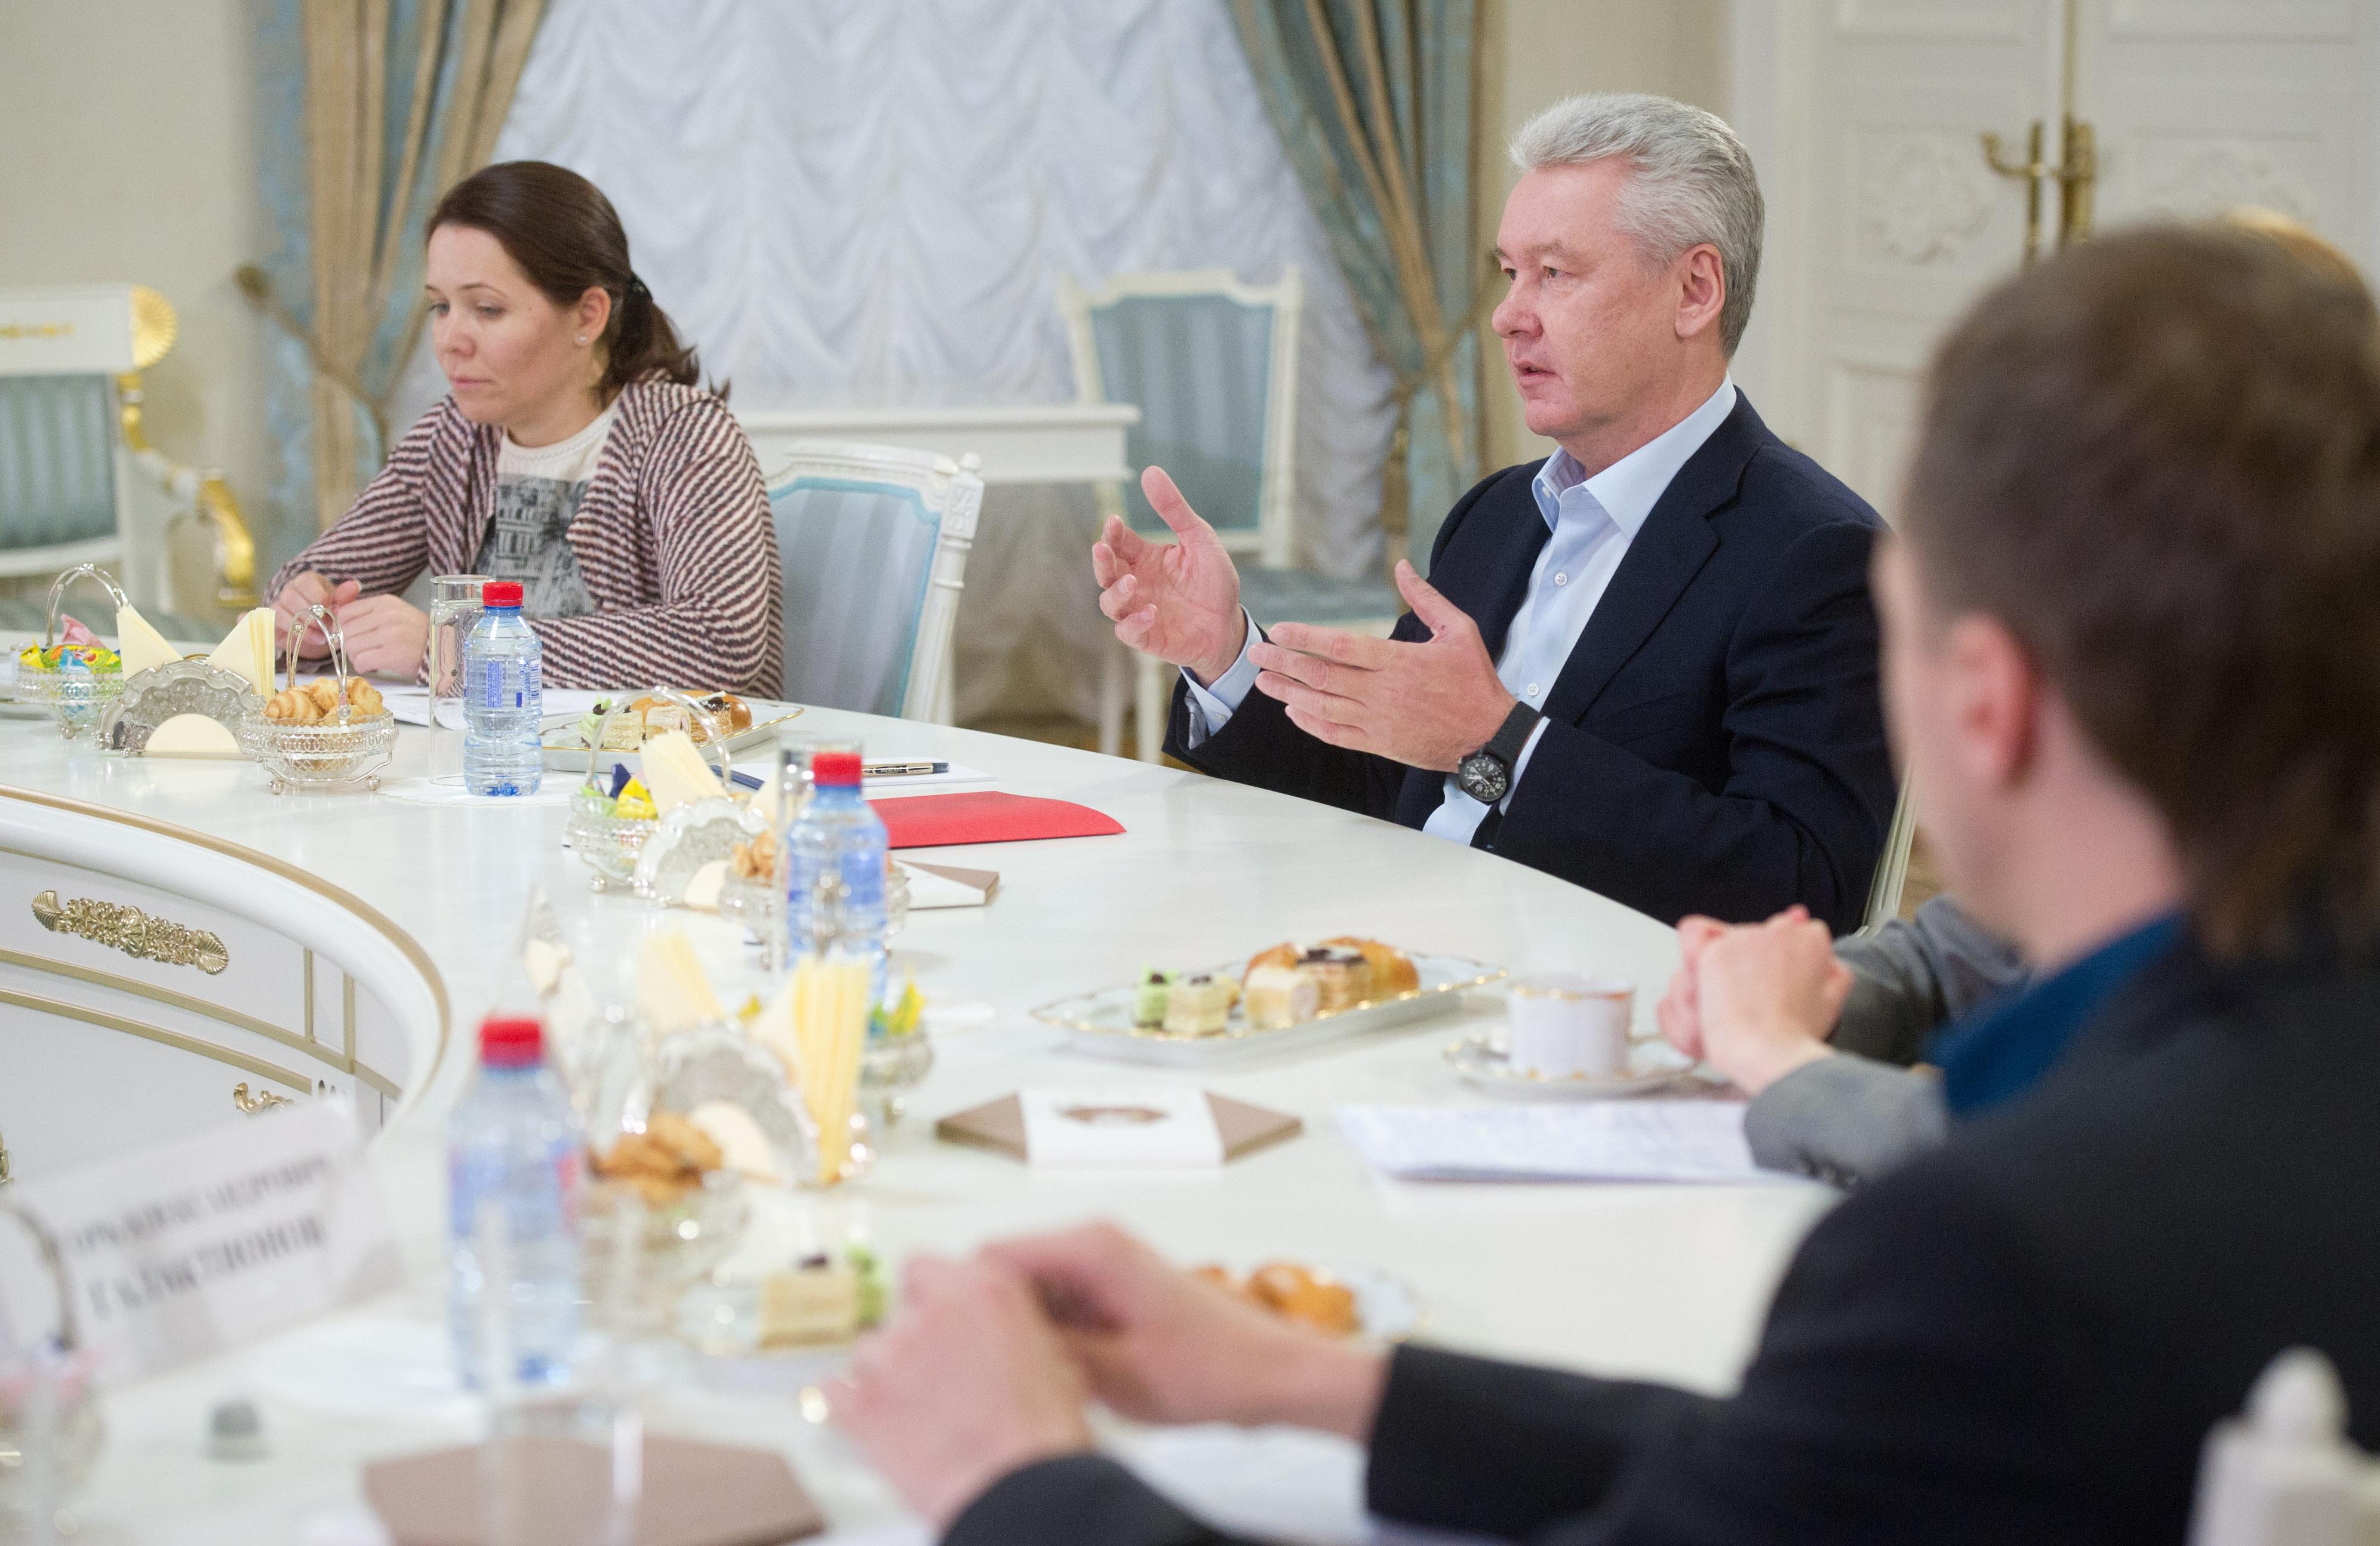 Сергей Собянин на встрече с участниками краудсорсинг-проекта портала «Наш город»